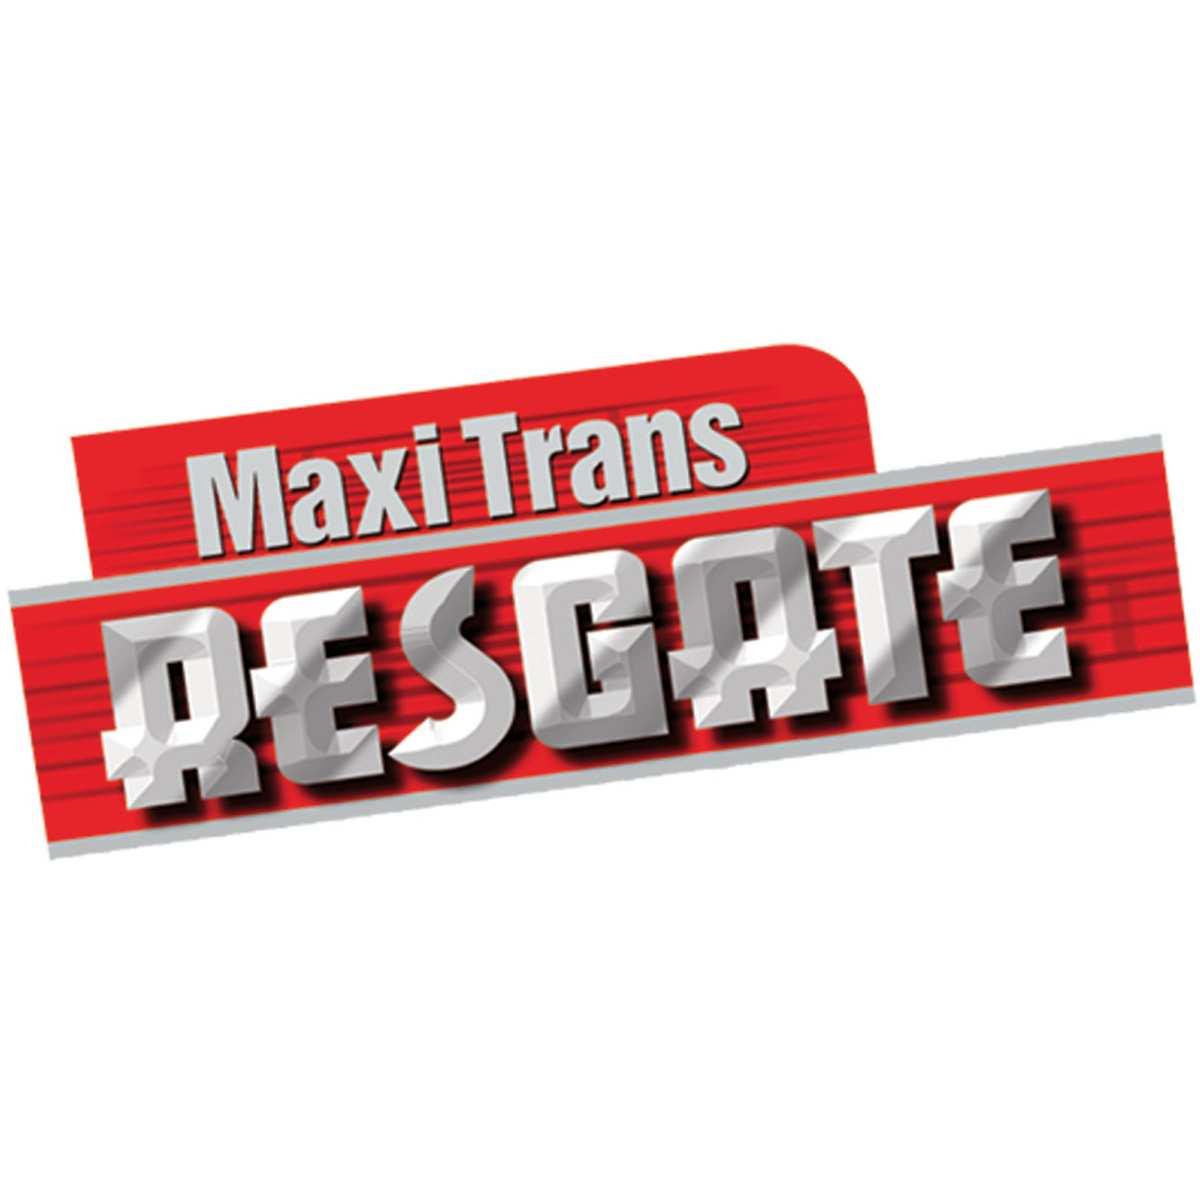 Caminhao | Maxi Trans Resgate | Homeplay